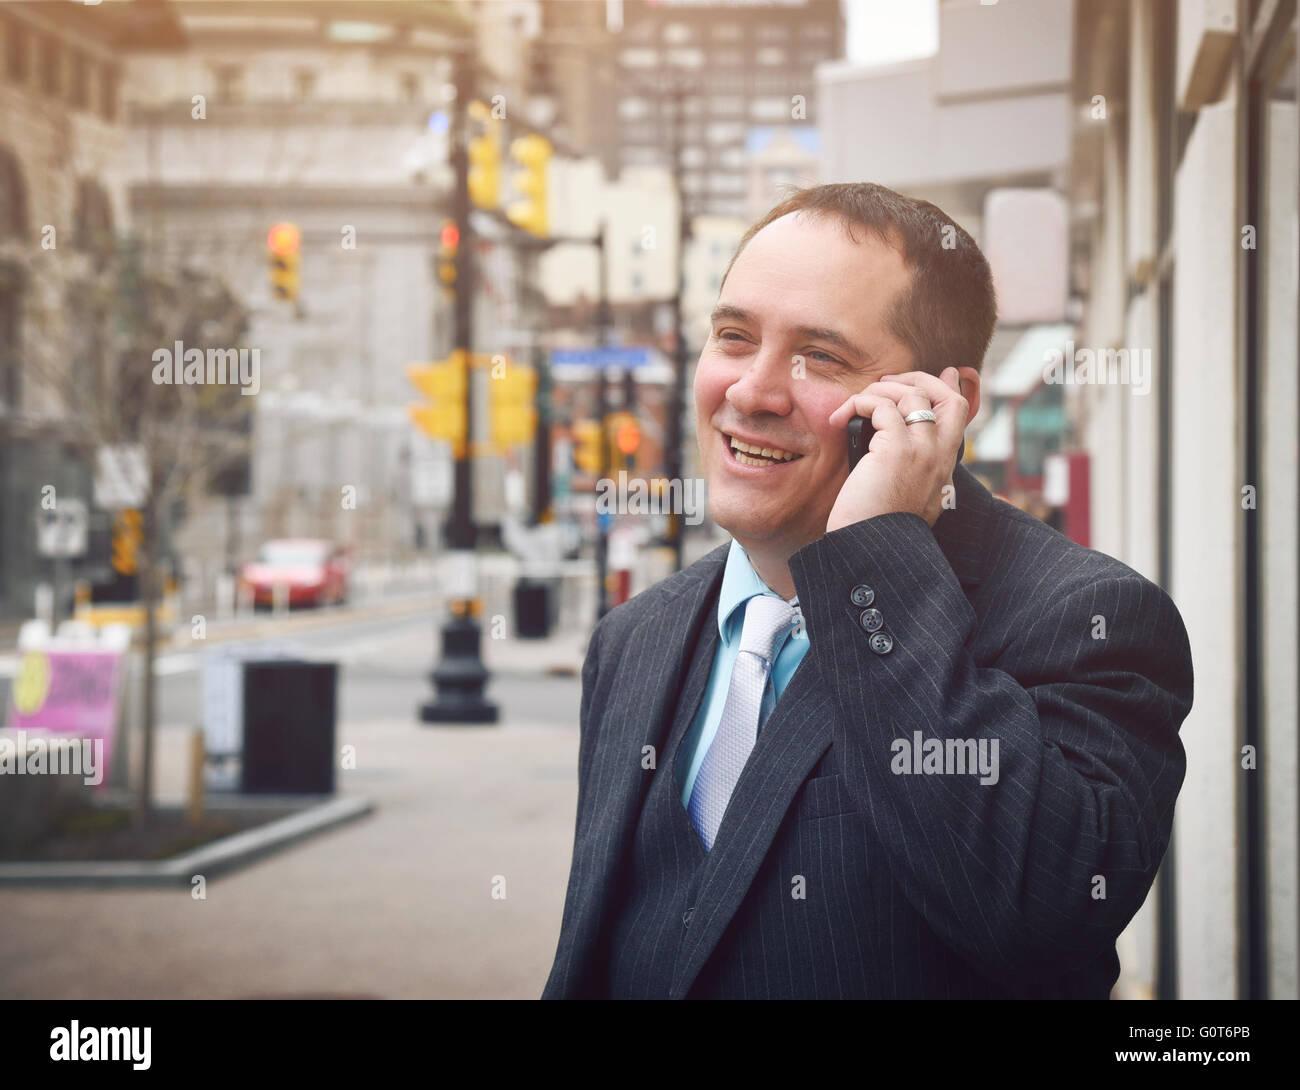 Un uomo d'affari sta parlando su un telefono cellulare al di fuori di una città che indossa una tuta e Immagini Stock